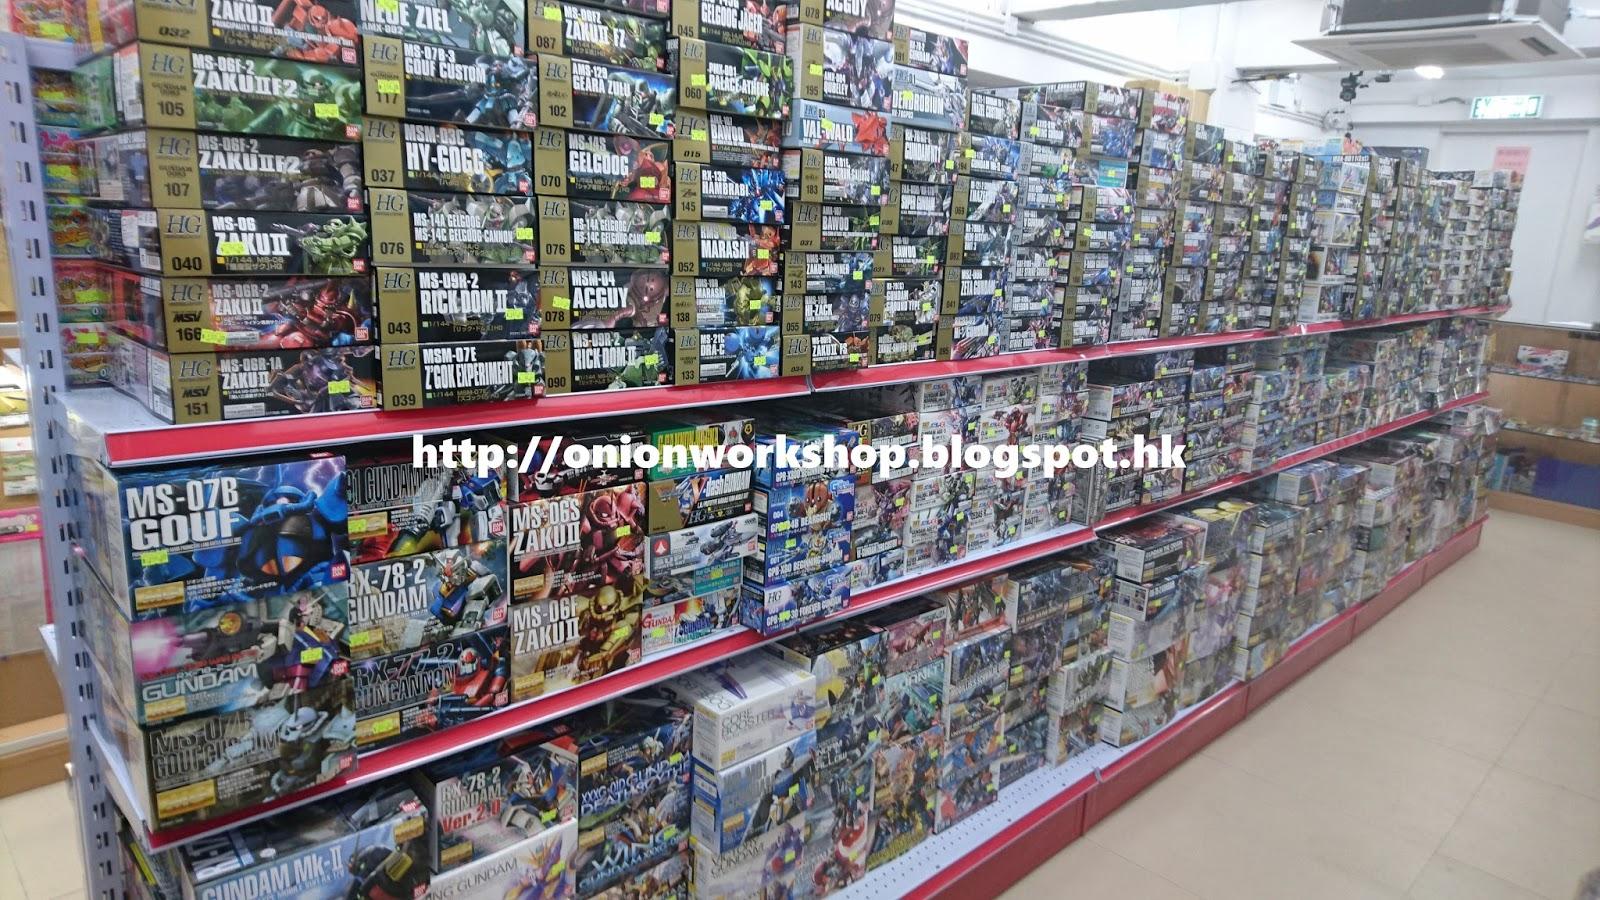 洋蔥頭的玩具店遊記: No. 076 新界區 荃灣 偉利模型中心有限公司